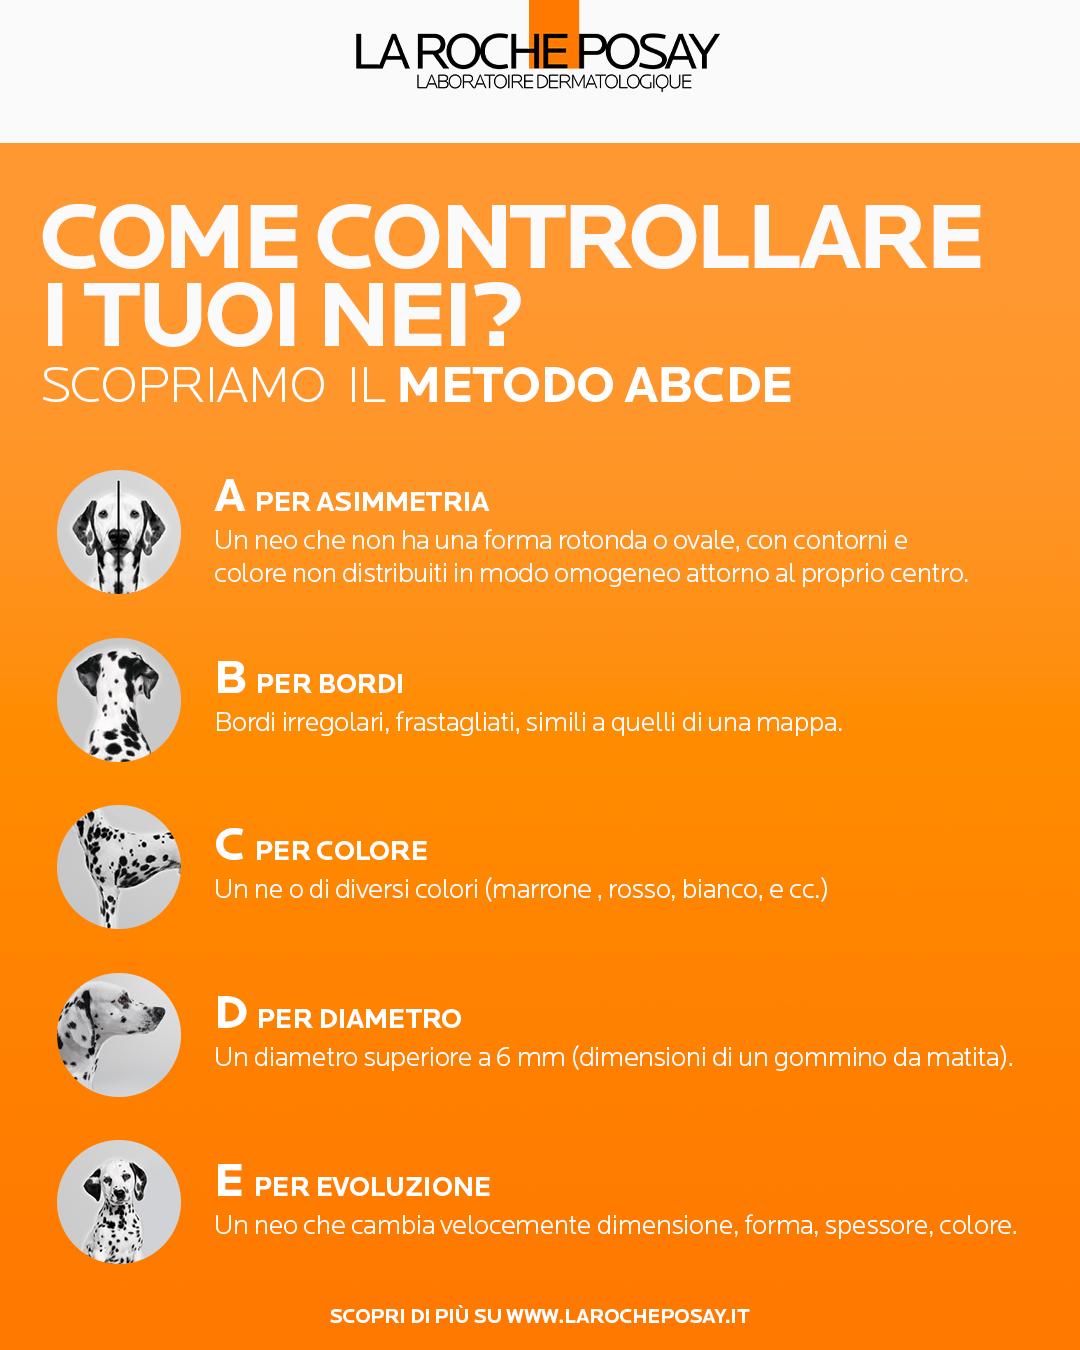 La Roche-Posay Infografiche Nei MetodoABCDE